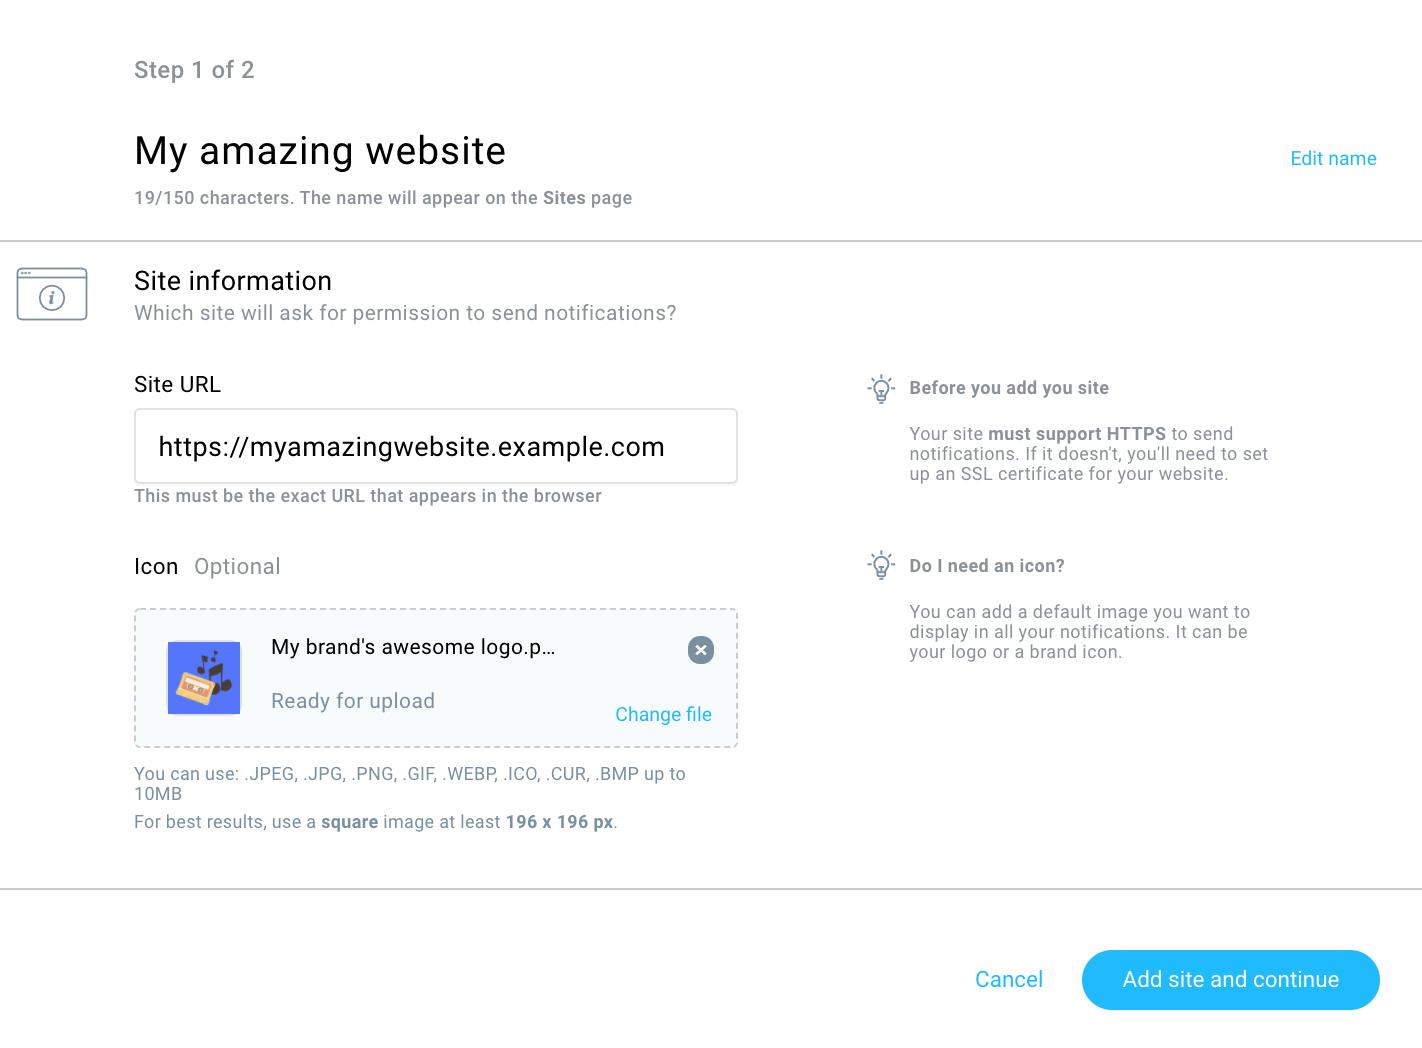 настройка параметров сайта для показа web push уведомлений в GetResponse